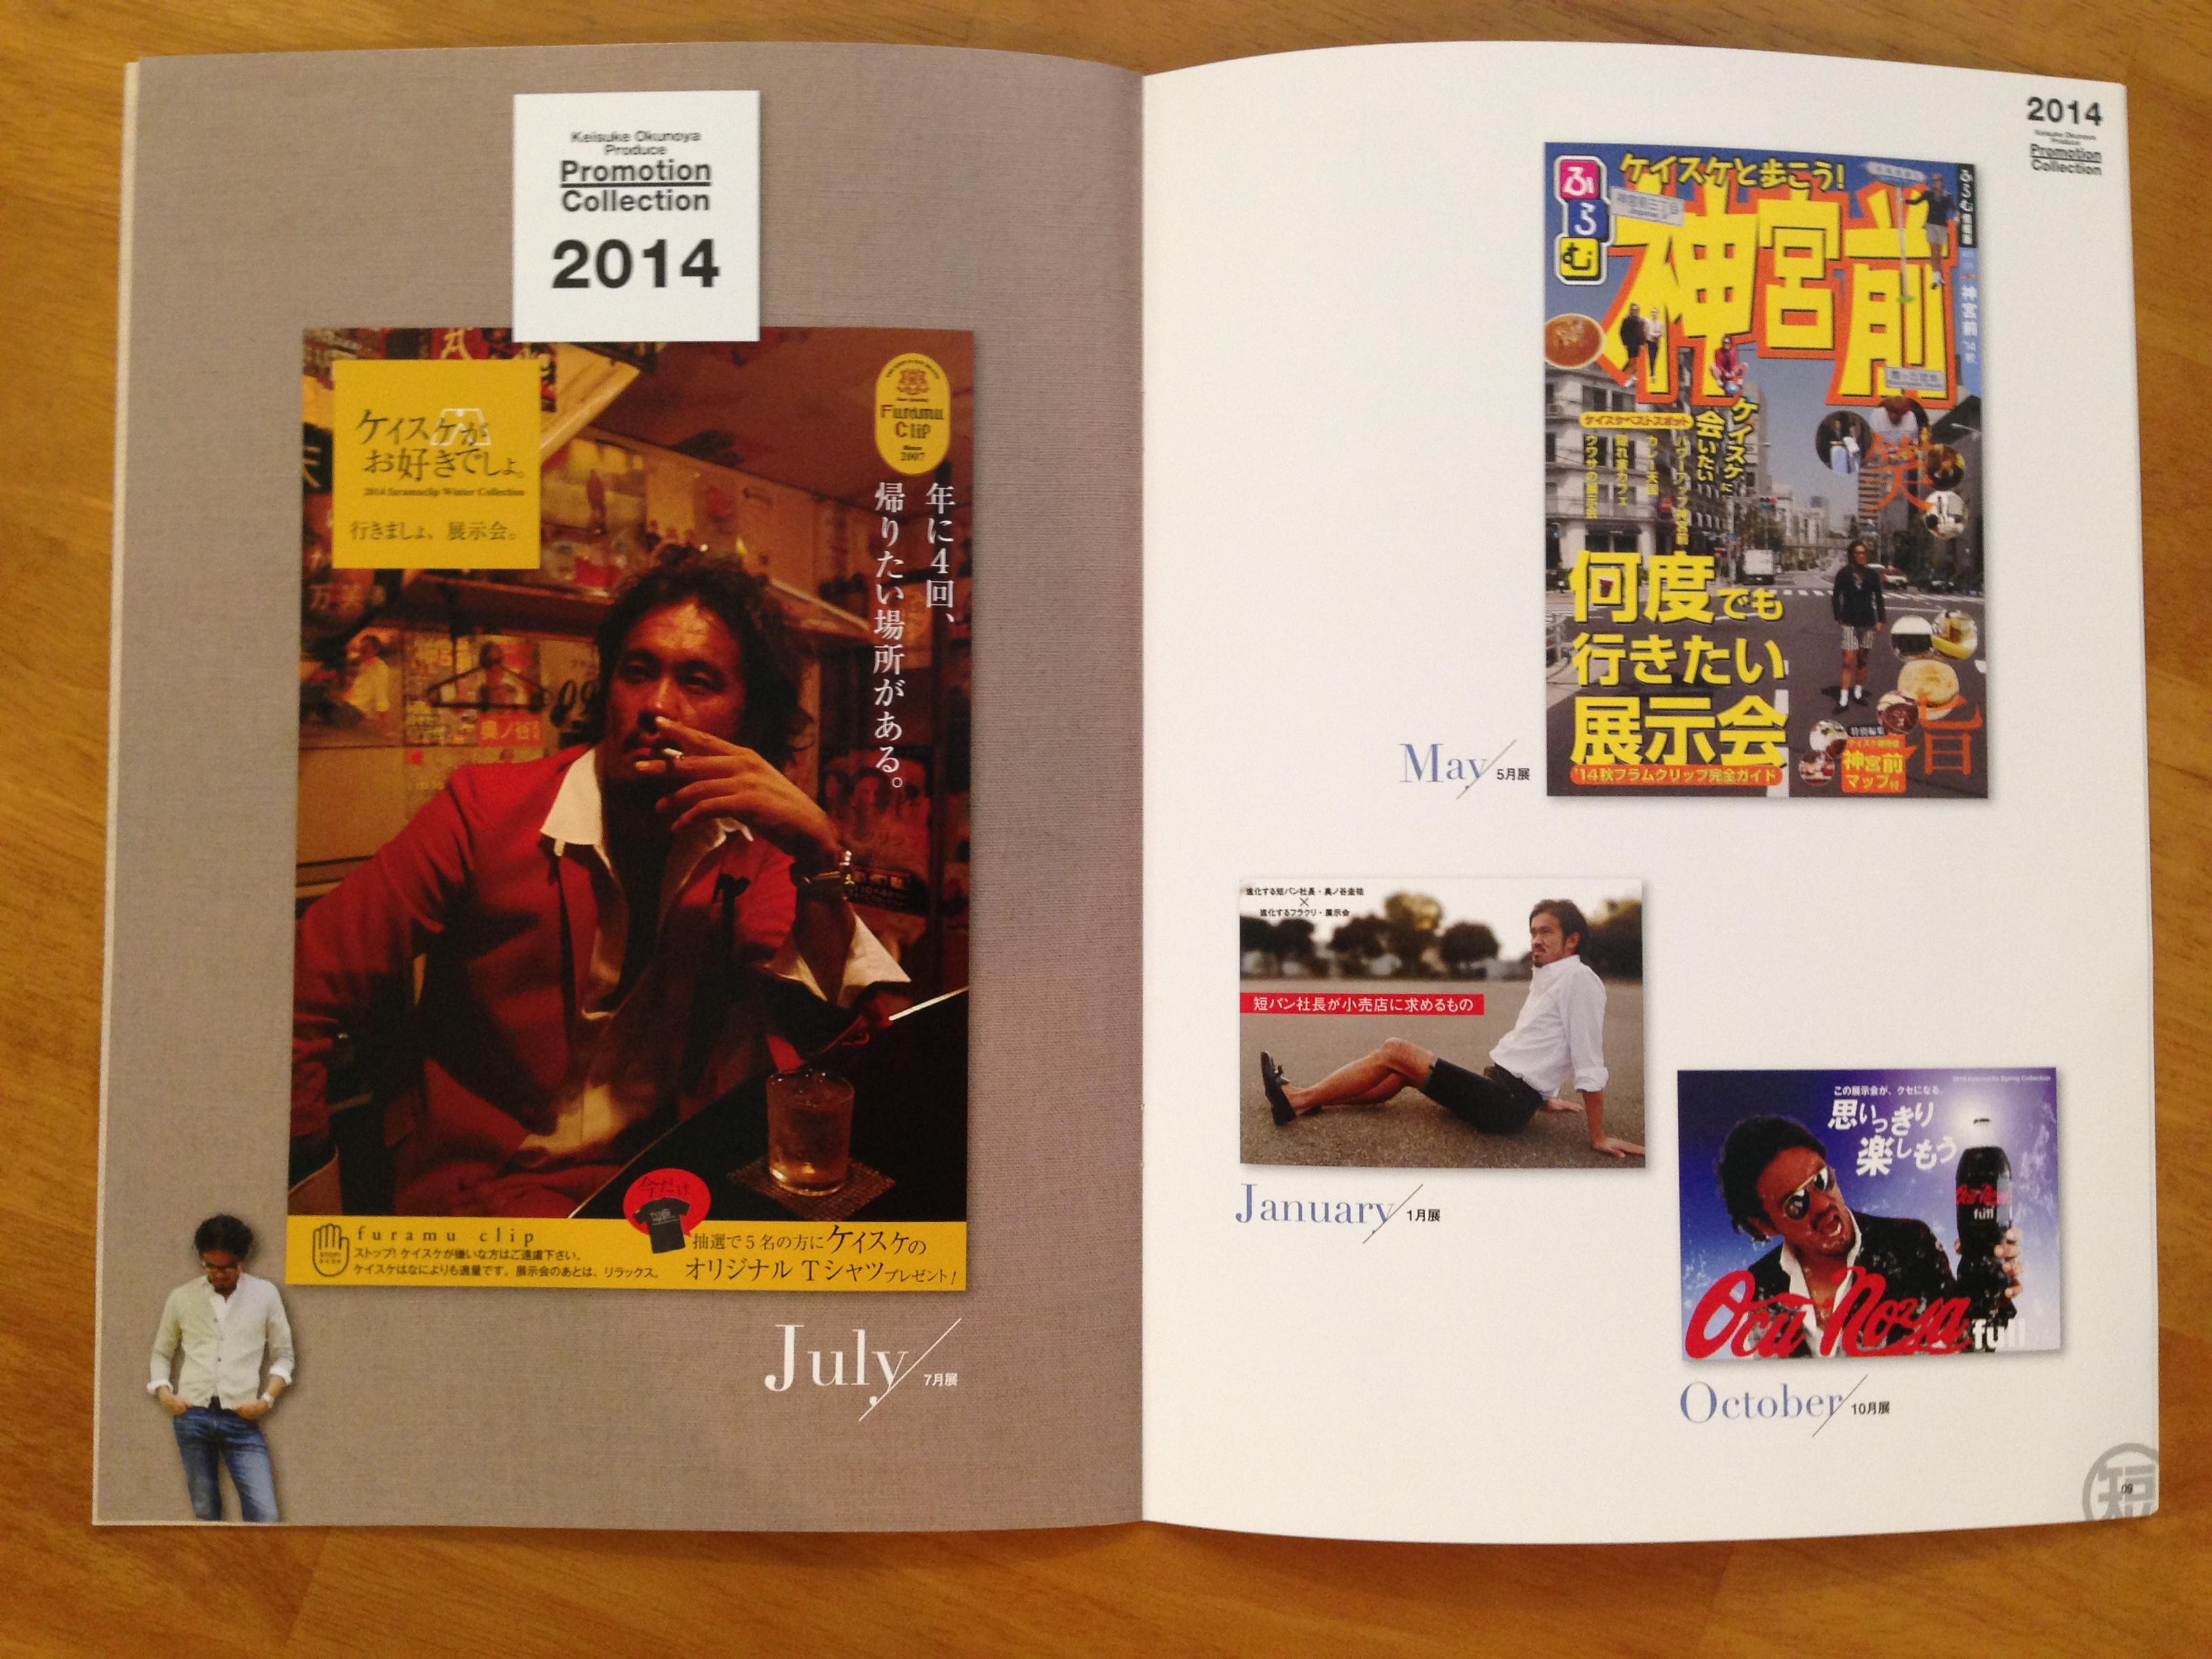 ファイル 2016-09-02 21 58 34